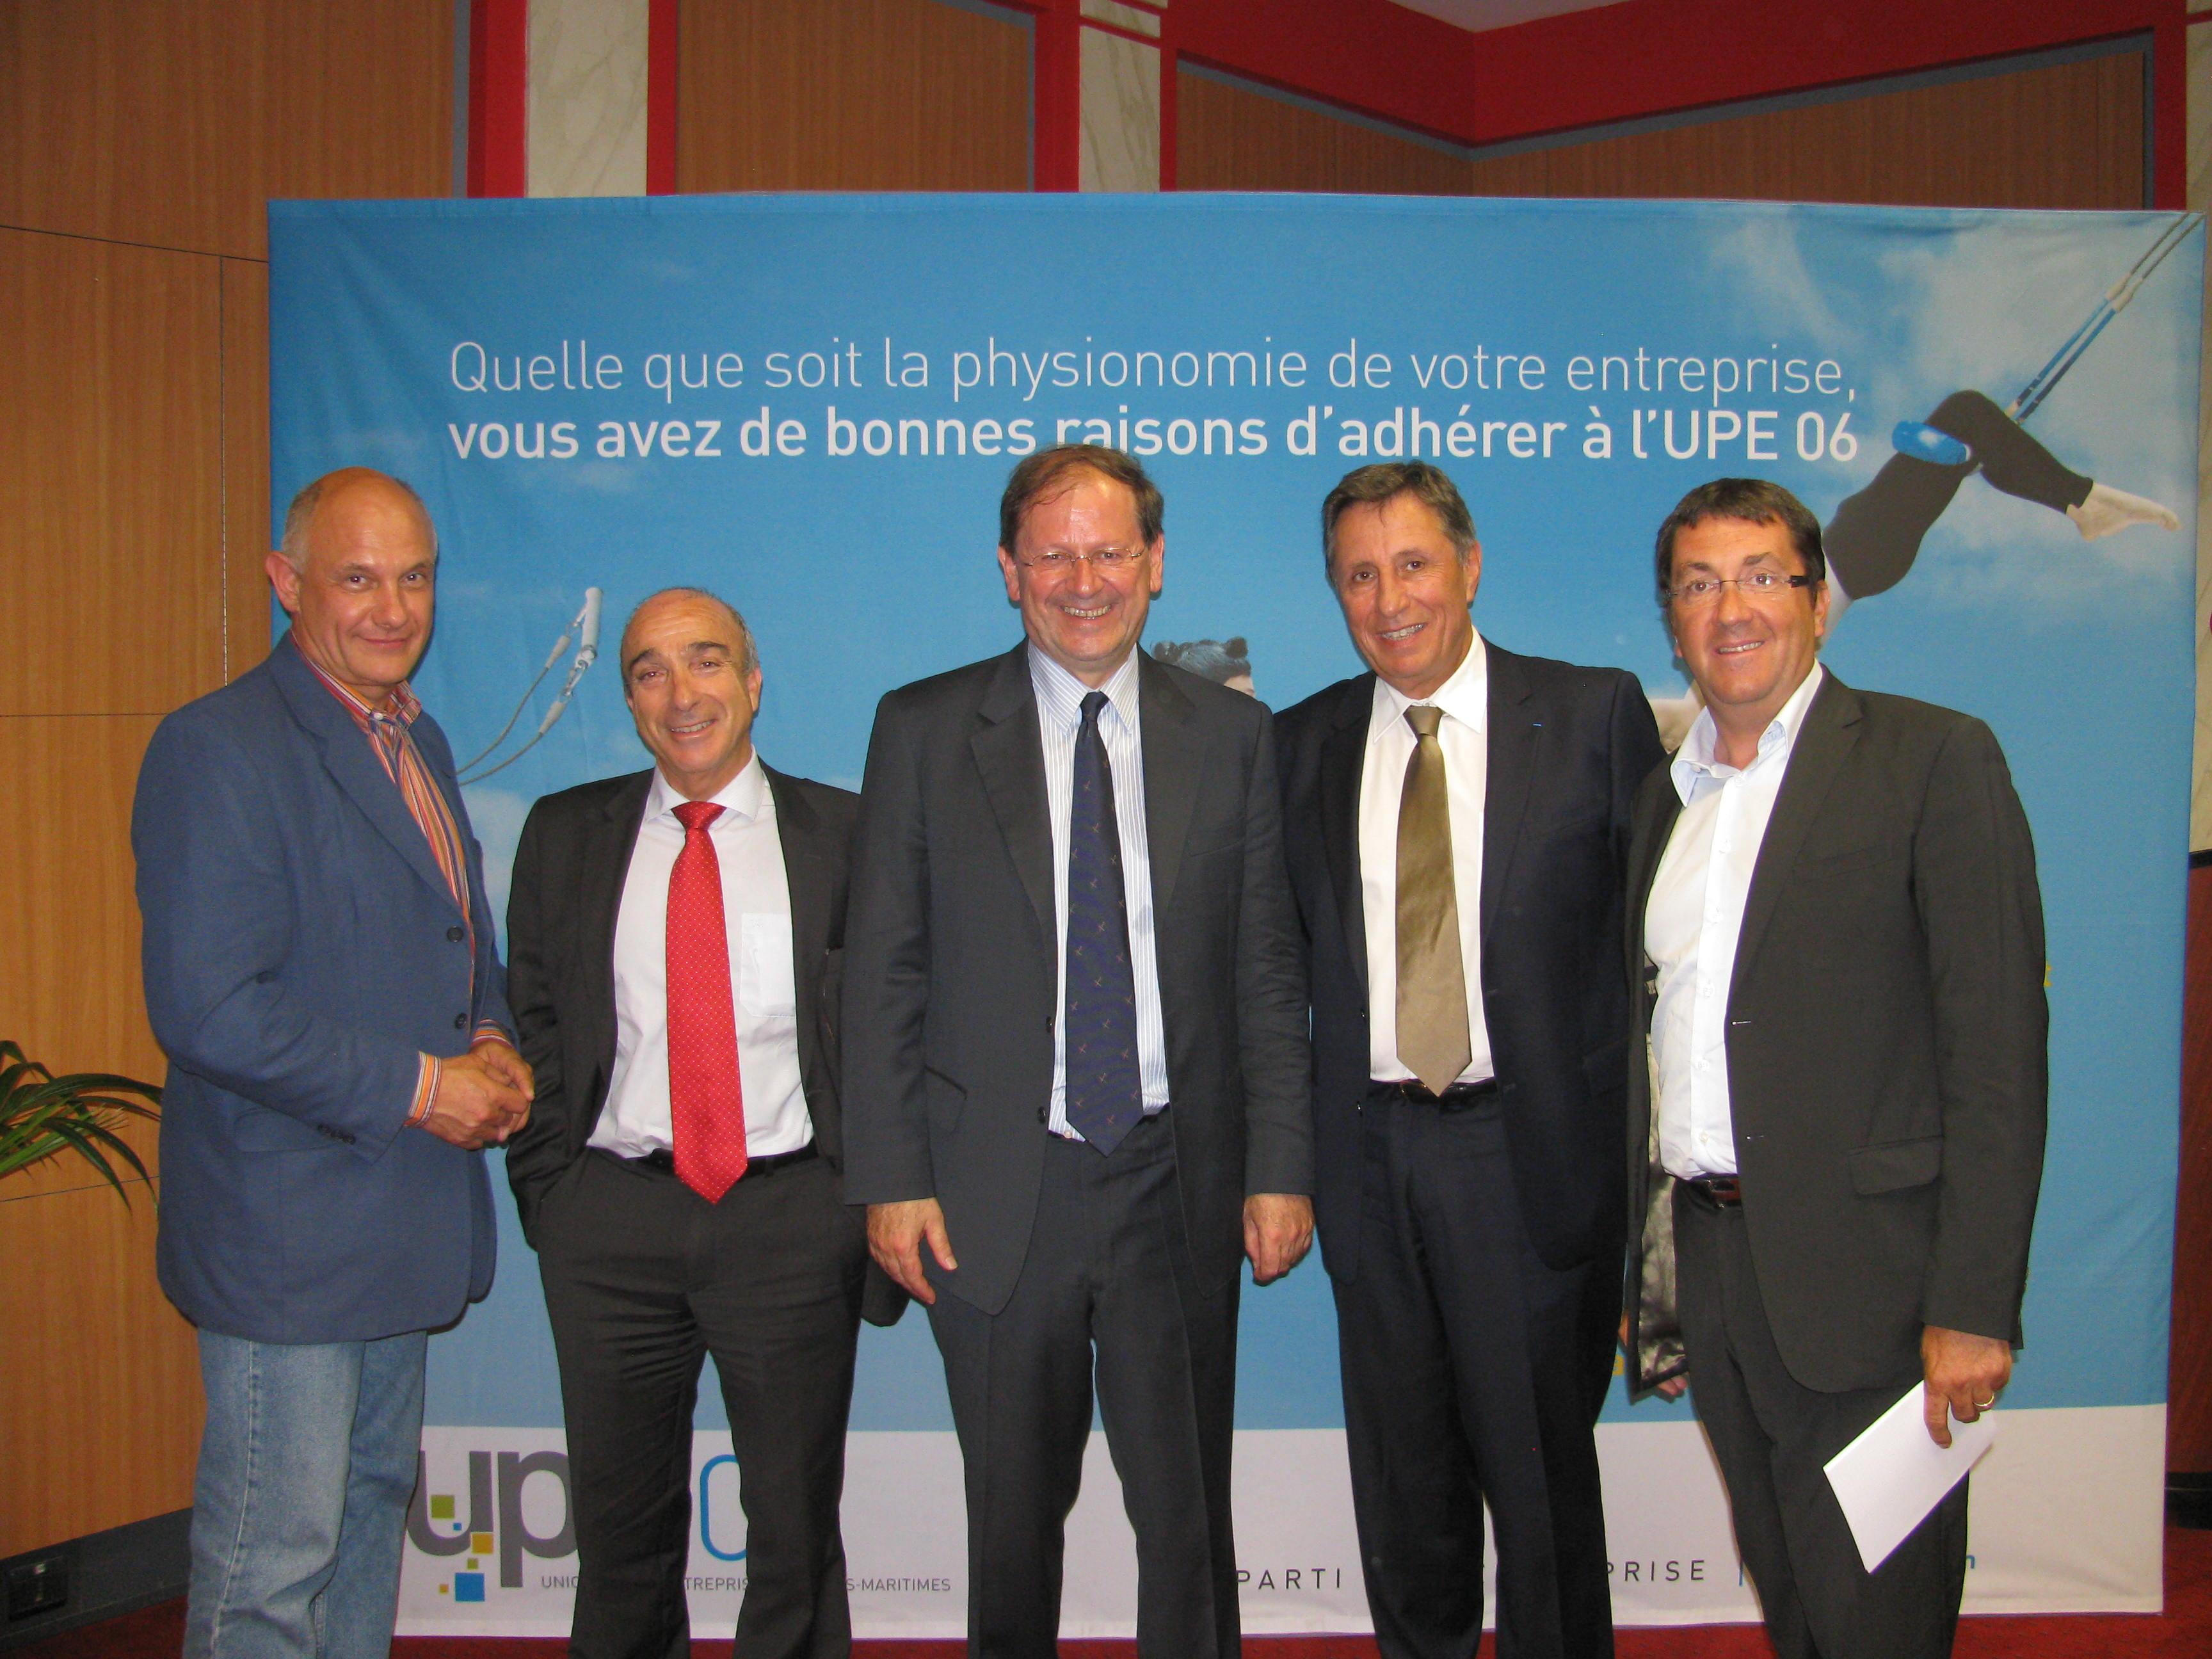 Yvon GROSSO, UPE 06 : Retour sur une première année de mandature, et perspectives 2011…